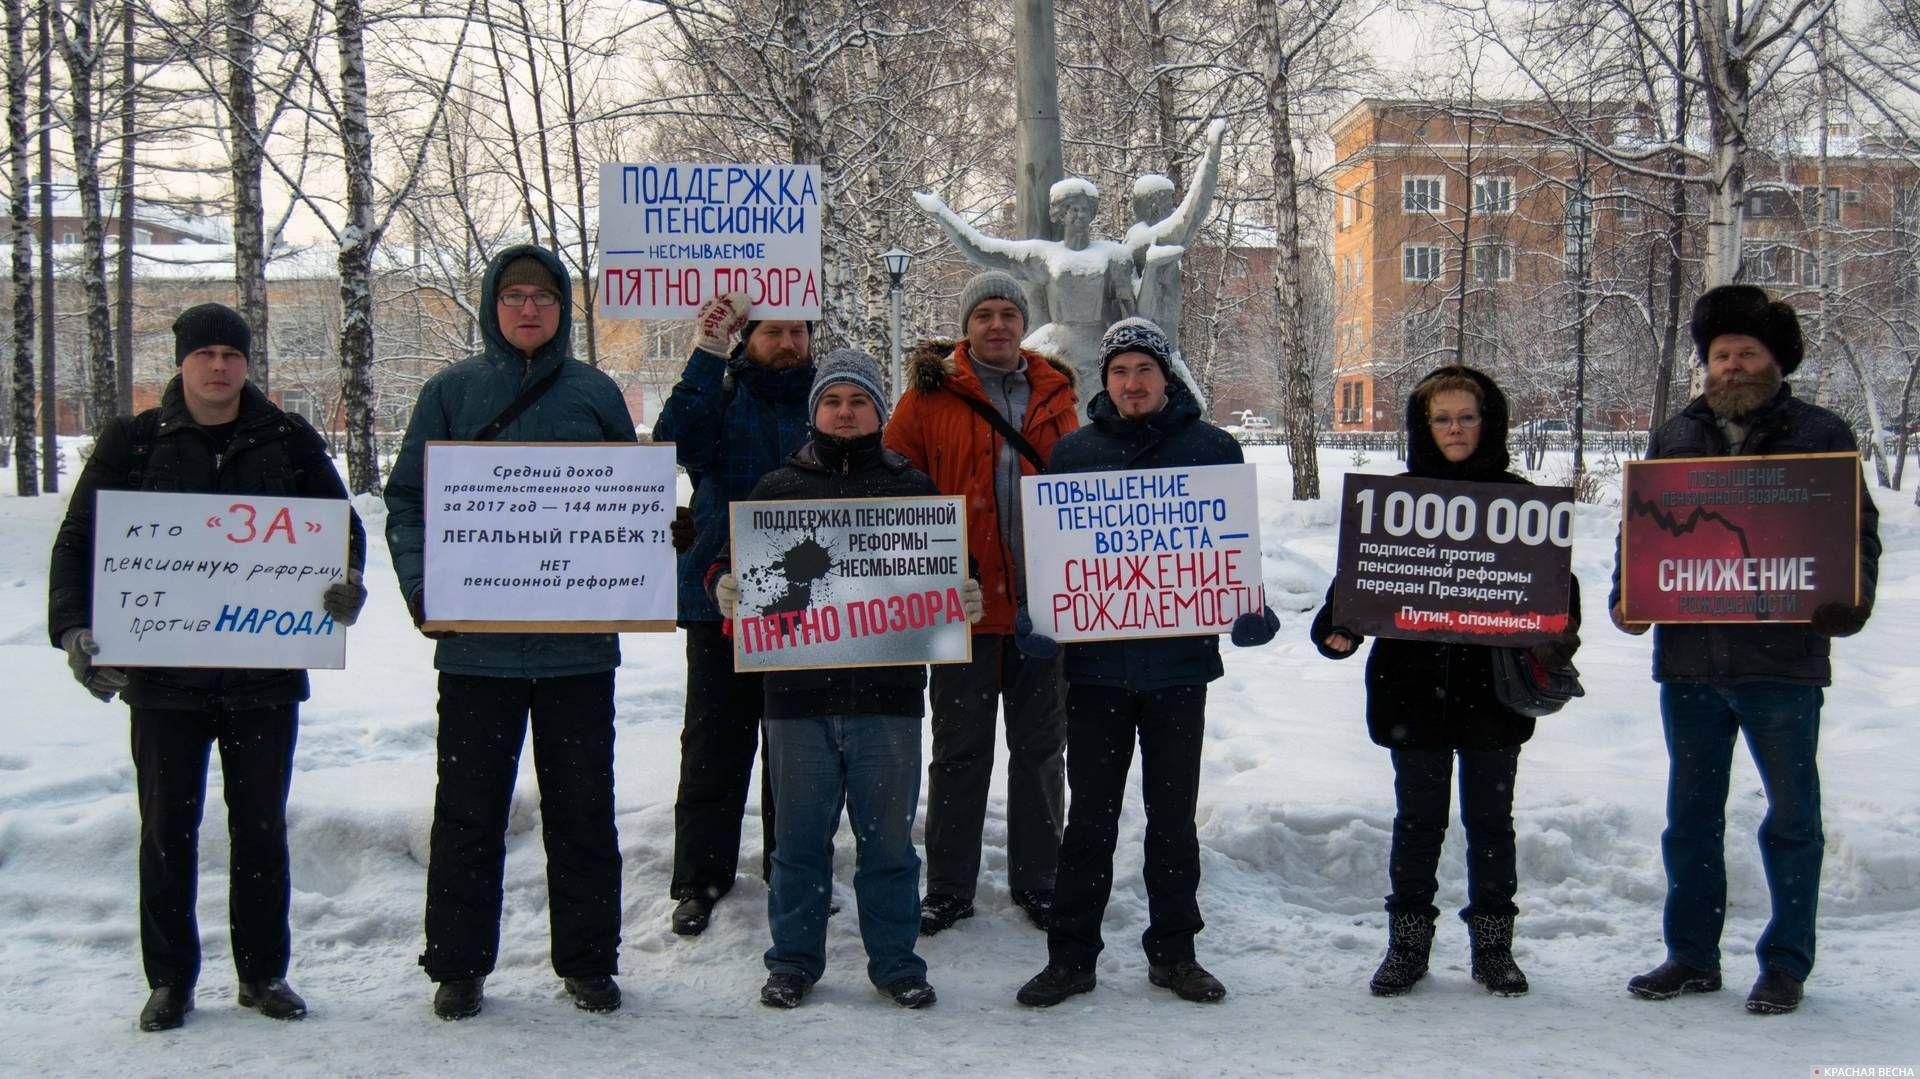 Пикет против пенсионной реформы в Кемерово